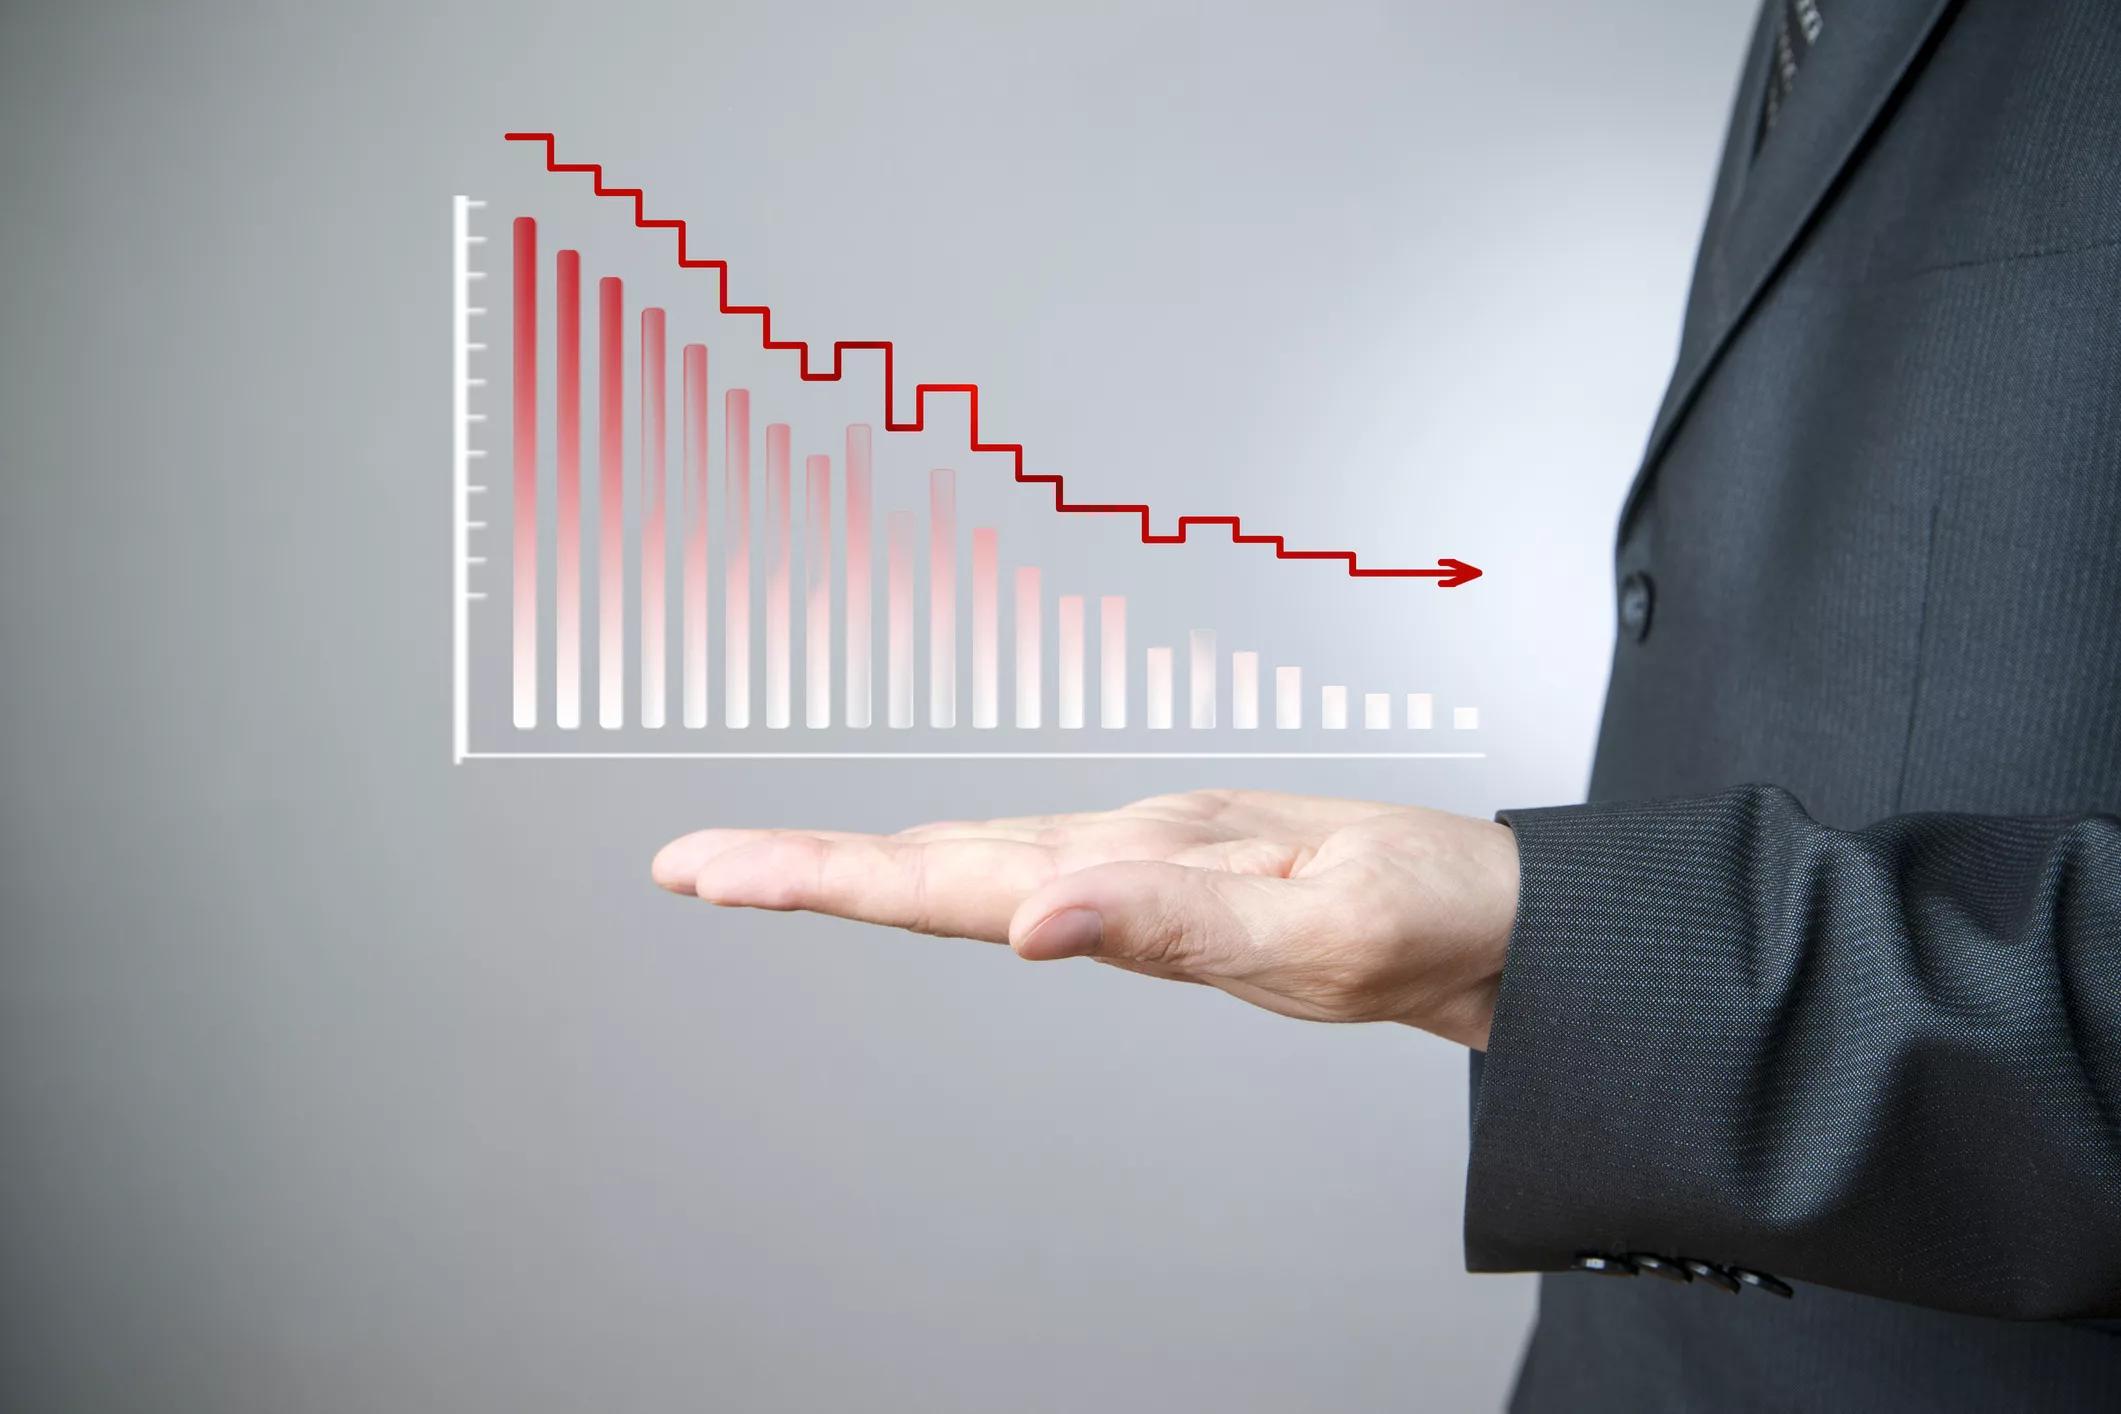 Количество компаний, работающих в убыток, сократилось до минимума